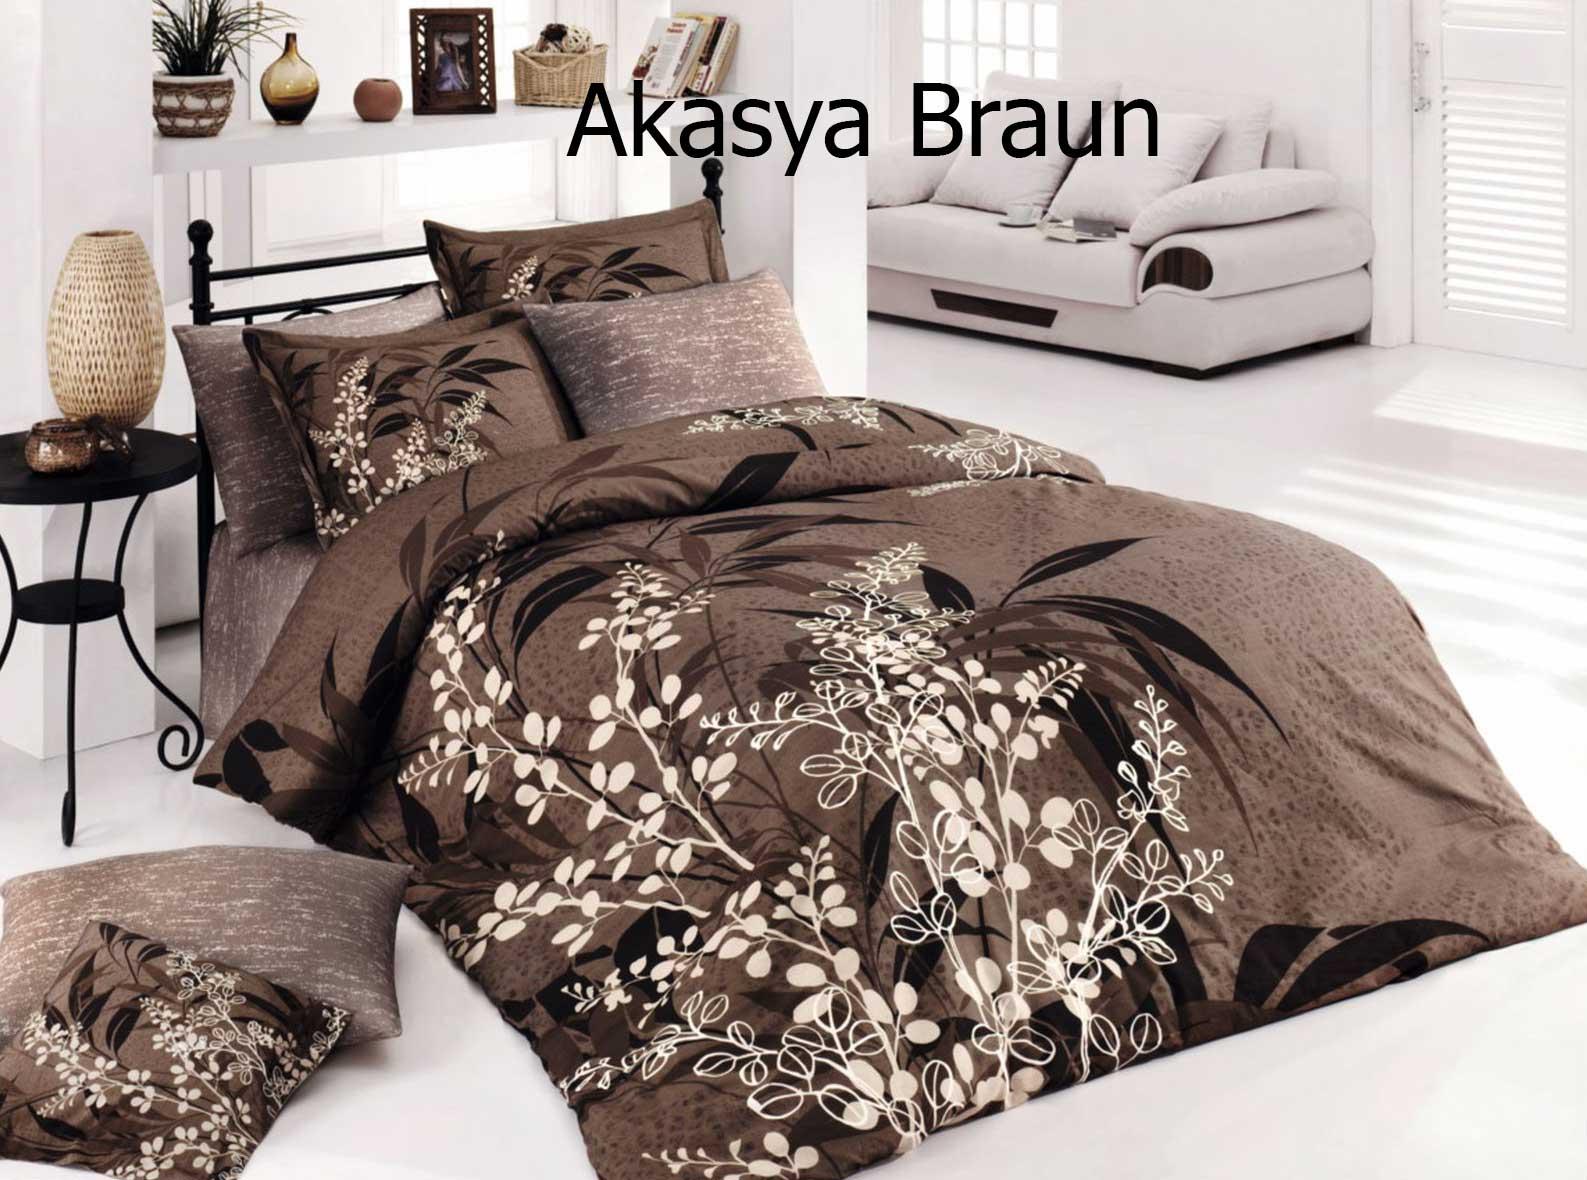 Bettwaren, -wäsche & Matratzen 3d Bettwäsche Bettgarnitur 200x220 200x200 220x240 Cm 100% Baumwolle Akasya